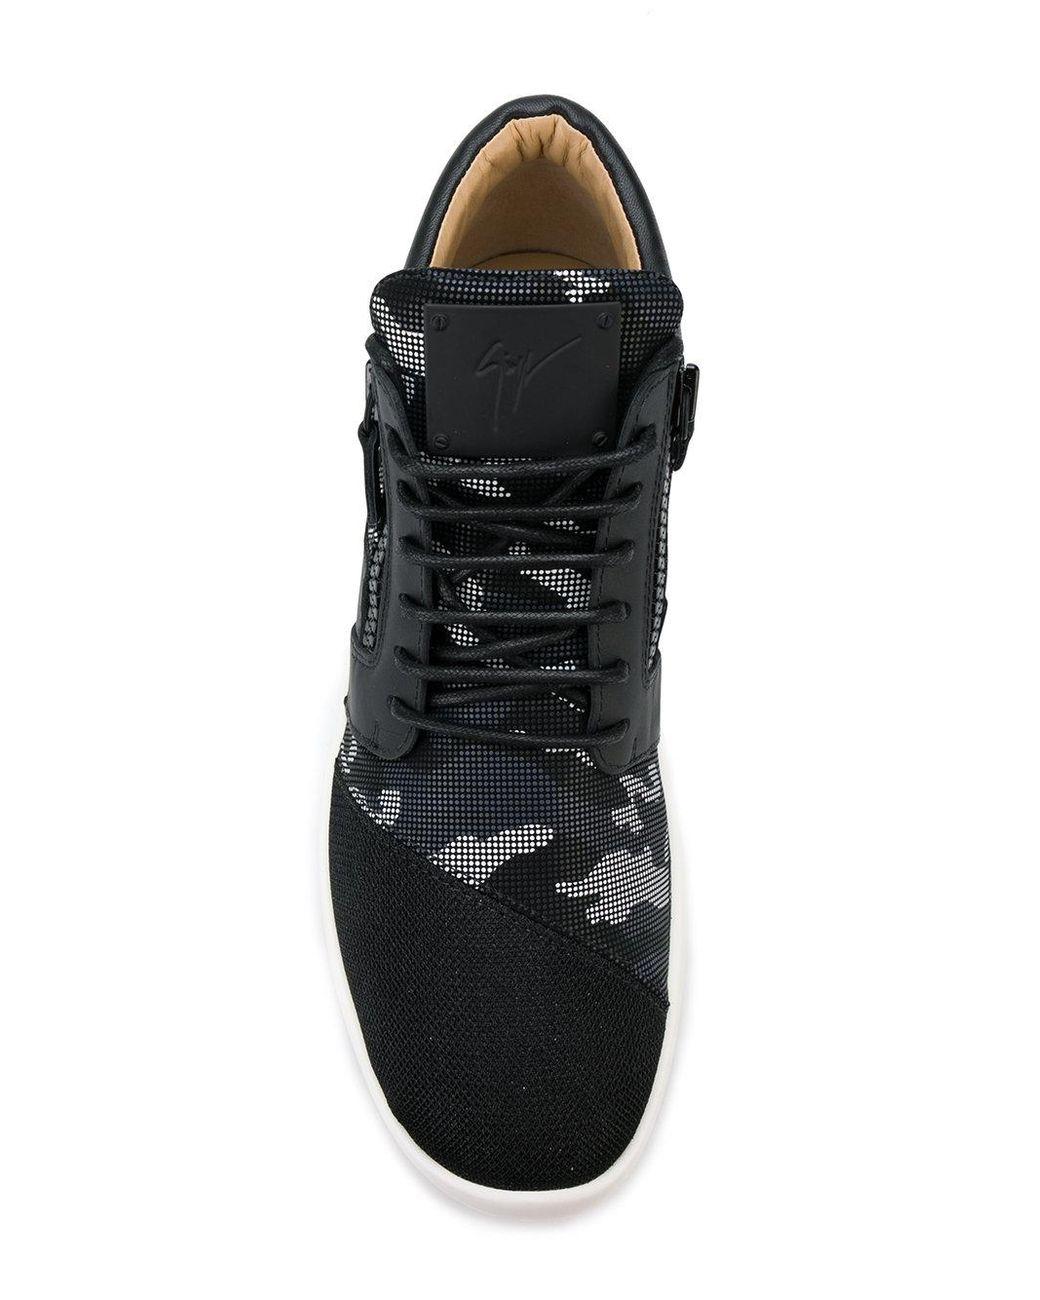 e617089b18fe1 Giuseppe Zanotti Runner Camouflage Sneakers in Black for Men - Lyst